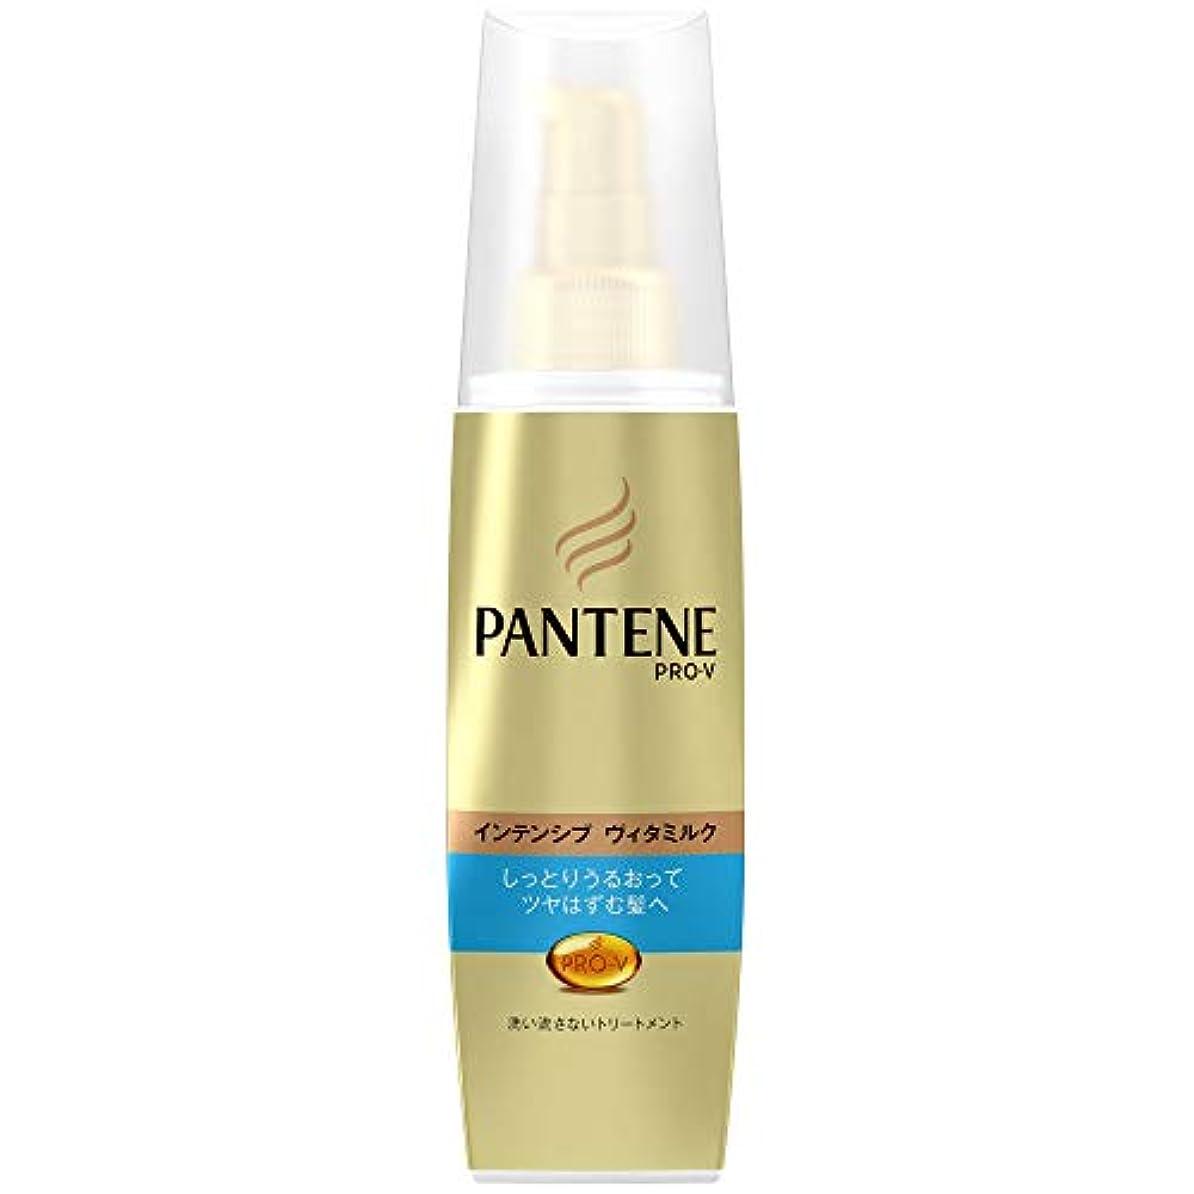 振り子生き返らせる教養があるパンテーン 洗い流さないトリートメント インテンシブヴィタミルク パサついてまとまらない髪用 100ml